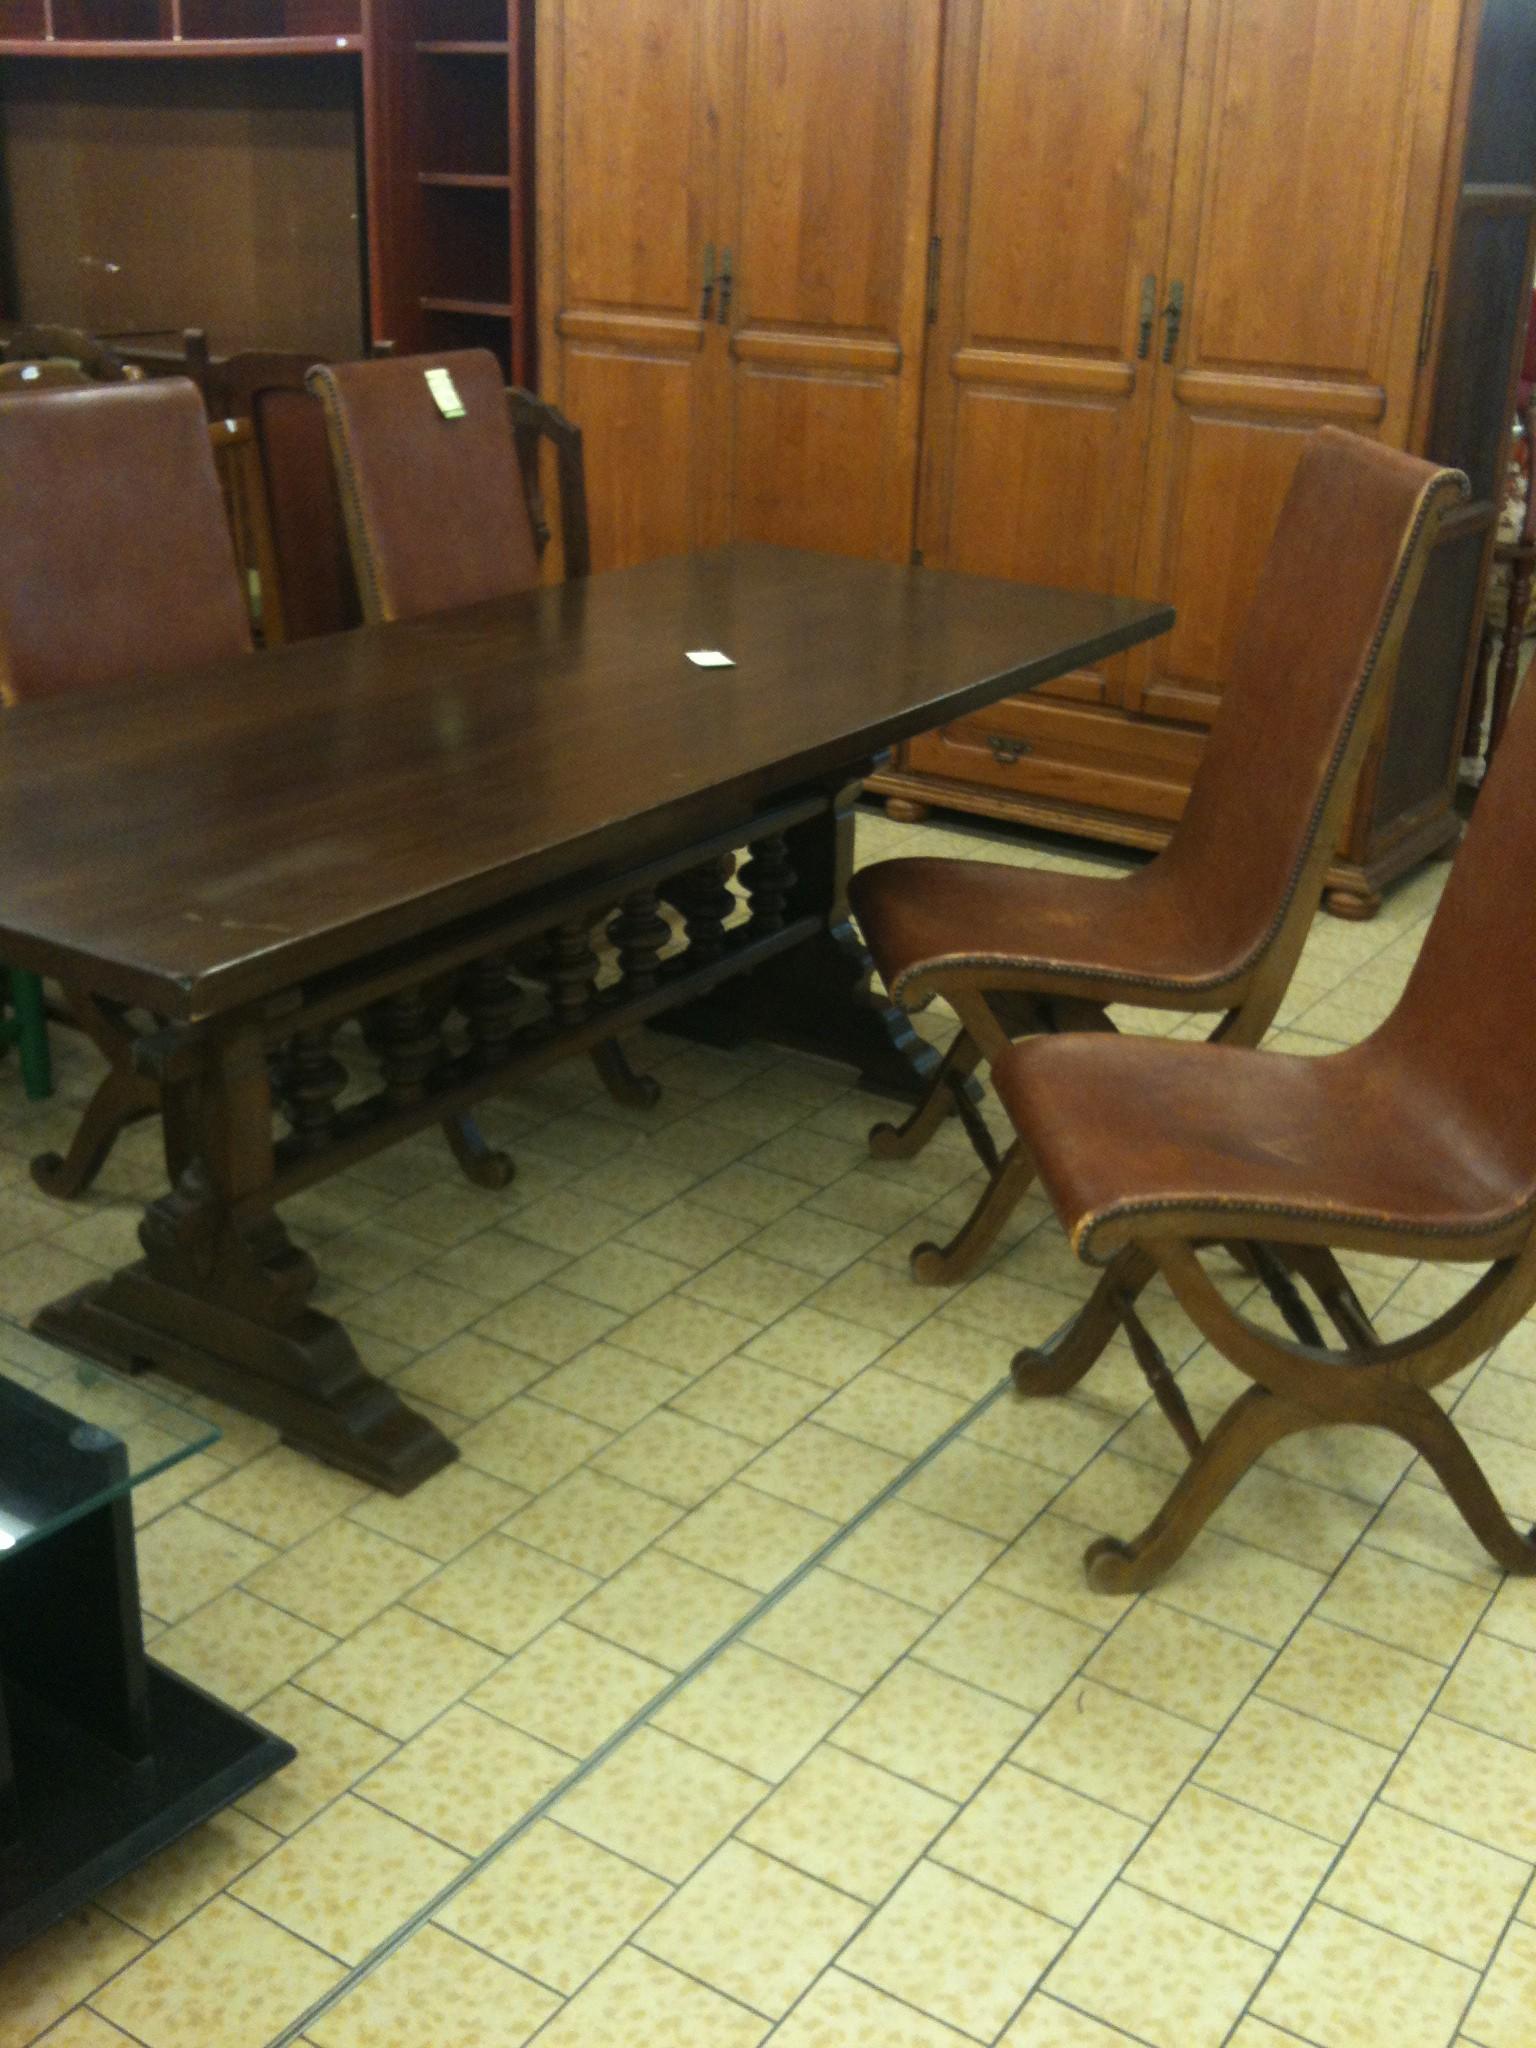 Muebles reto asturias obtenga ideas dise o de muebles para su hogar aqu - Recogida de muebles oviedo ...